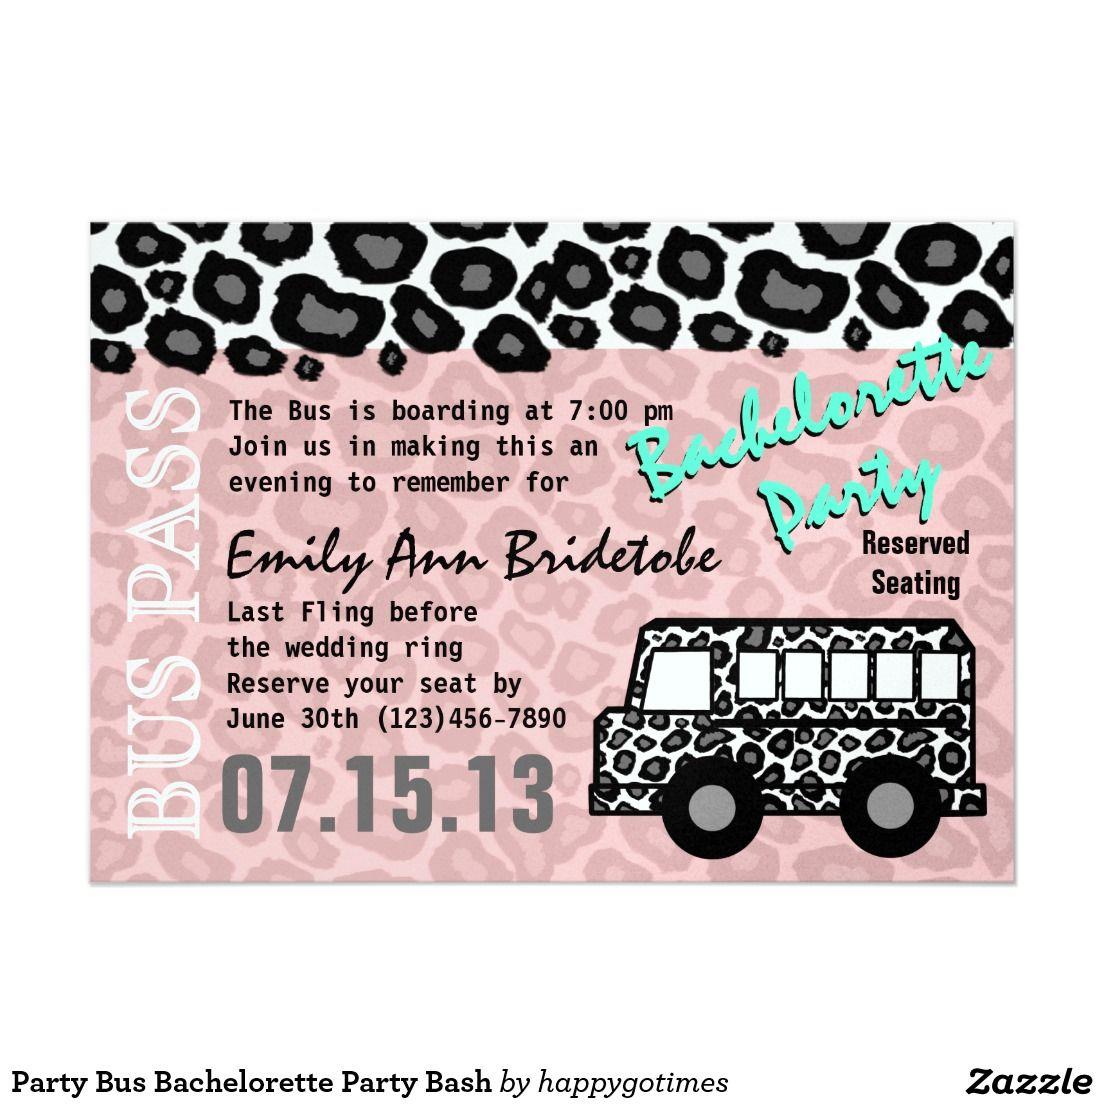 Party Bus Bachelorette Party Bash Invitation